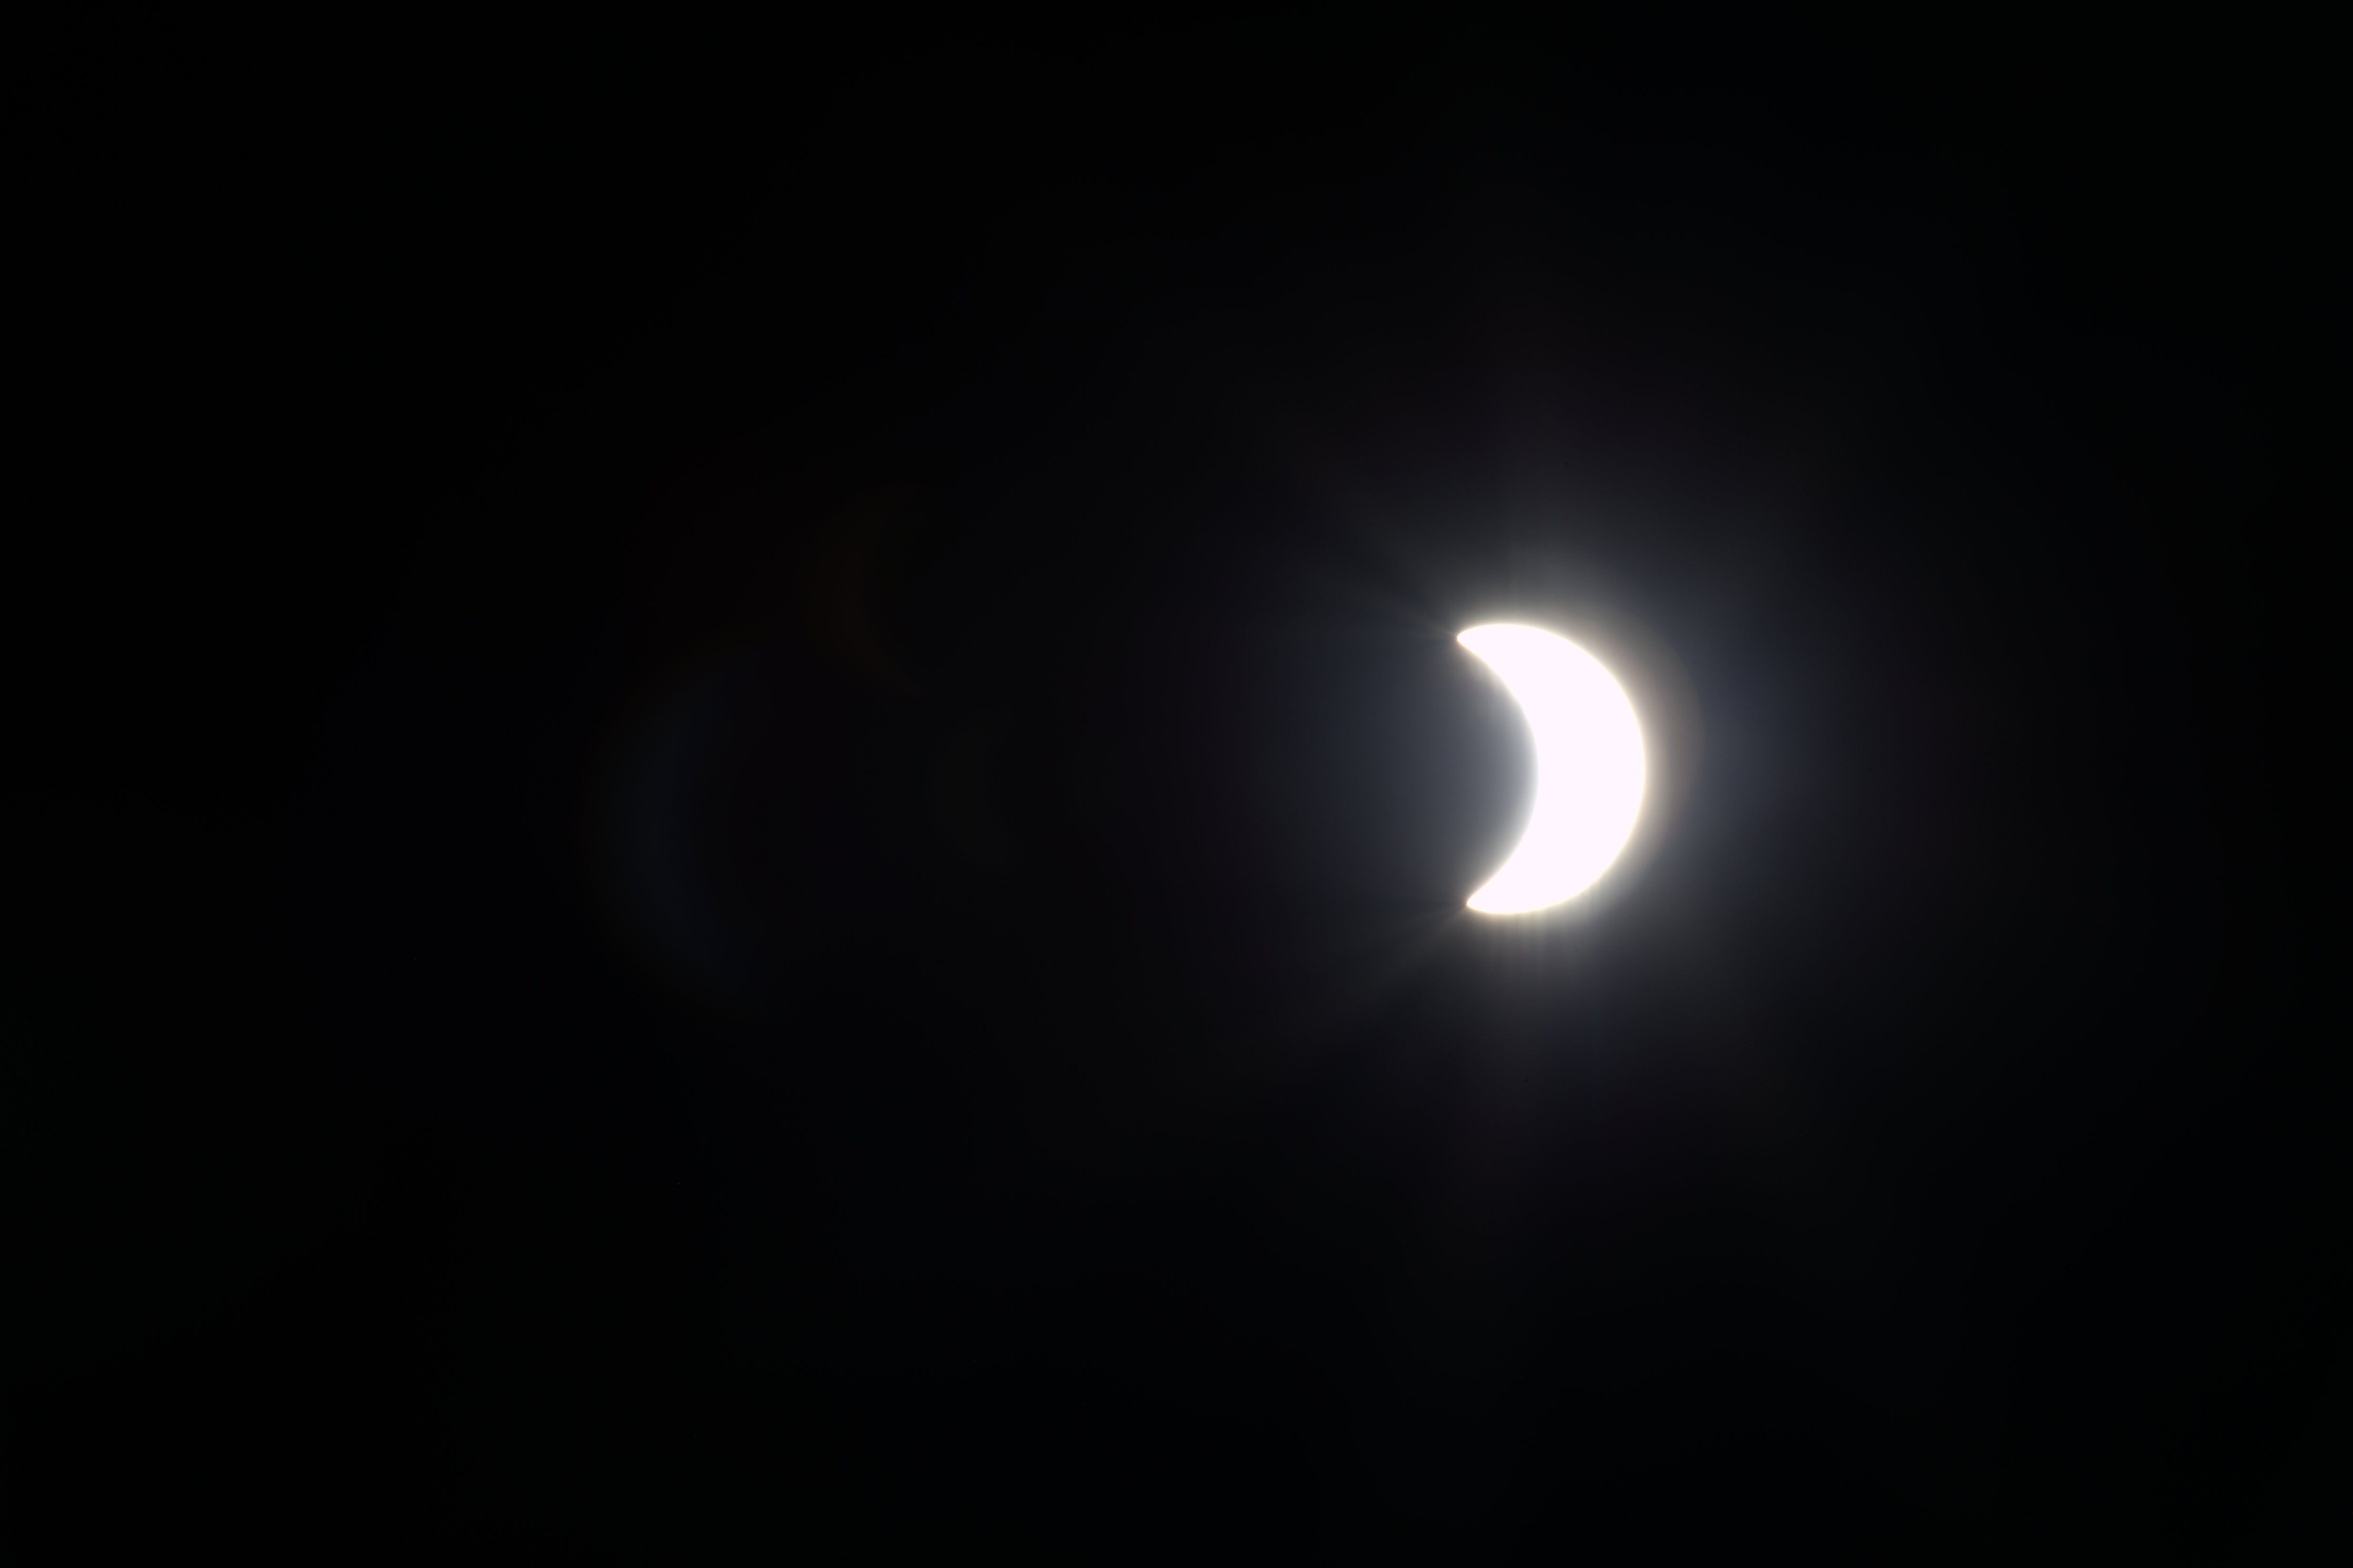 Fotos: o eclipse solar em diversas cidades do mundo